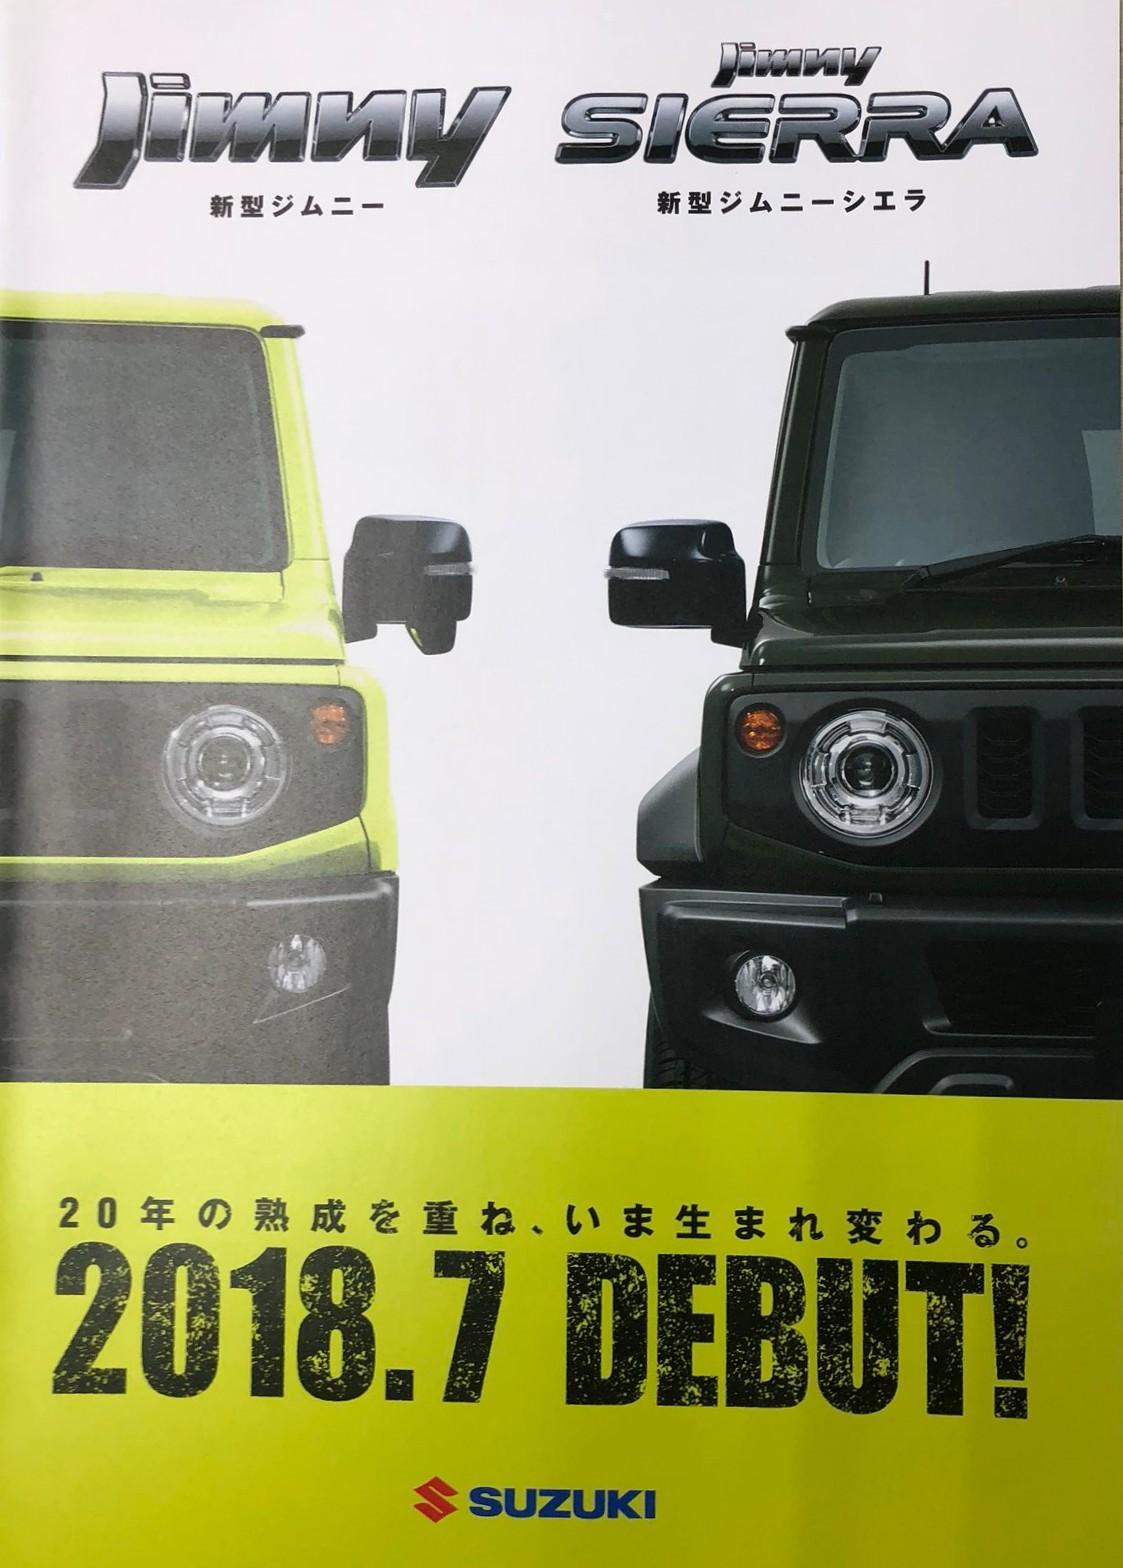 2019 Suzuki Jimny and 2019 Suzuki Jimny Sierra